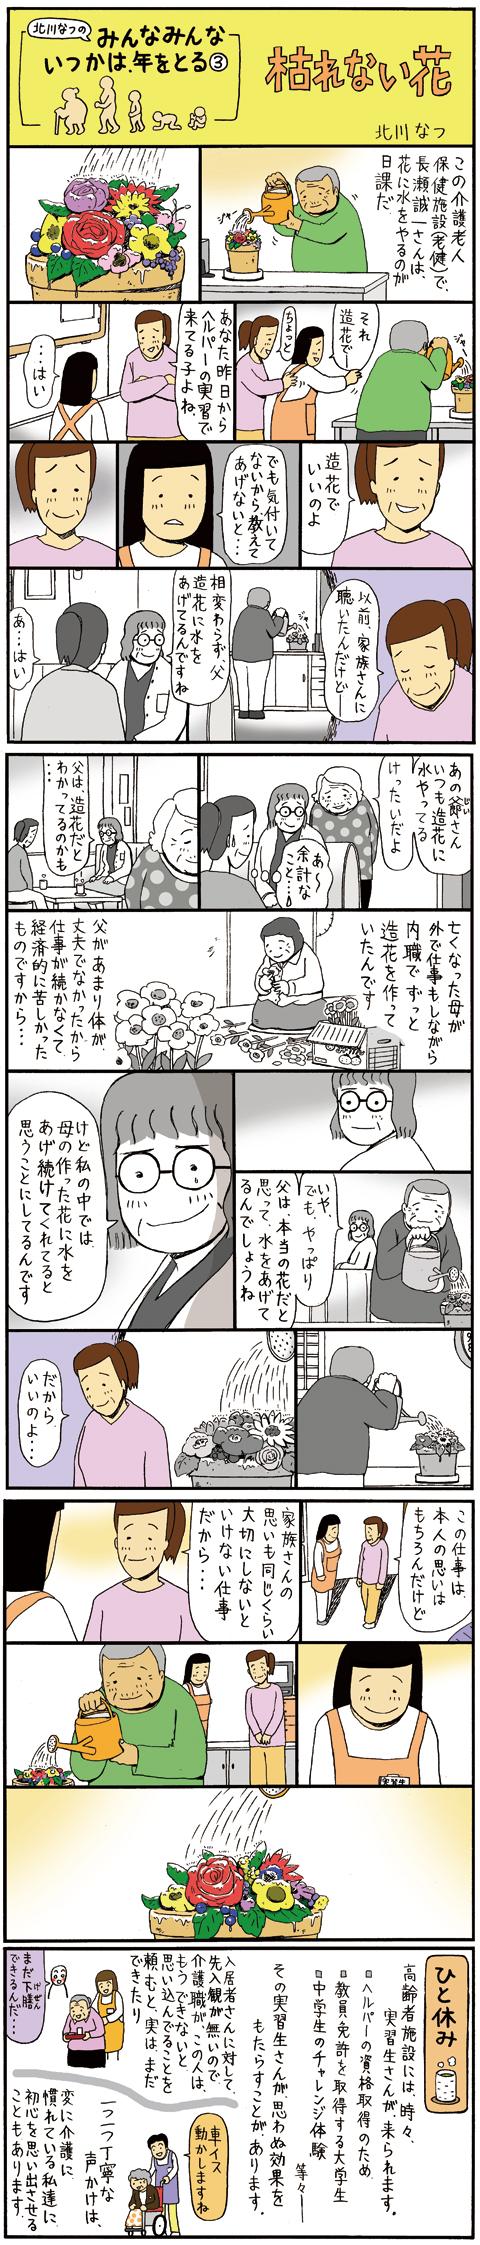 認知症・漫画・まんが・マンガ